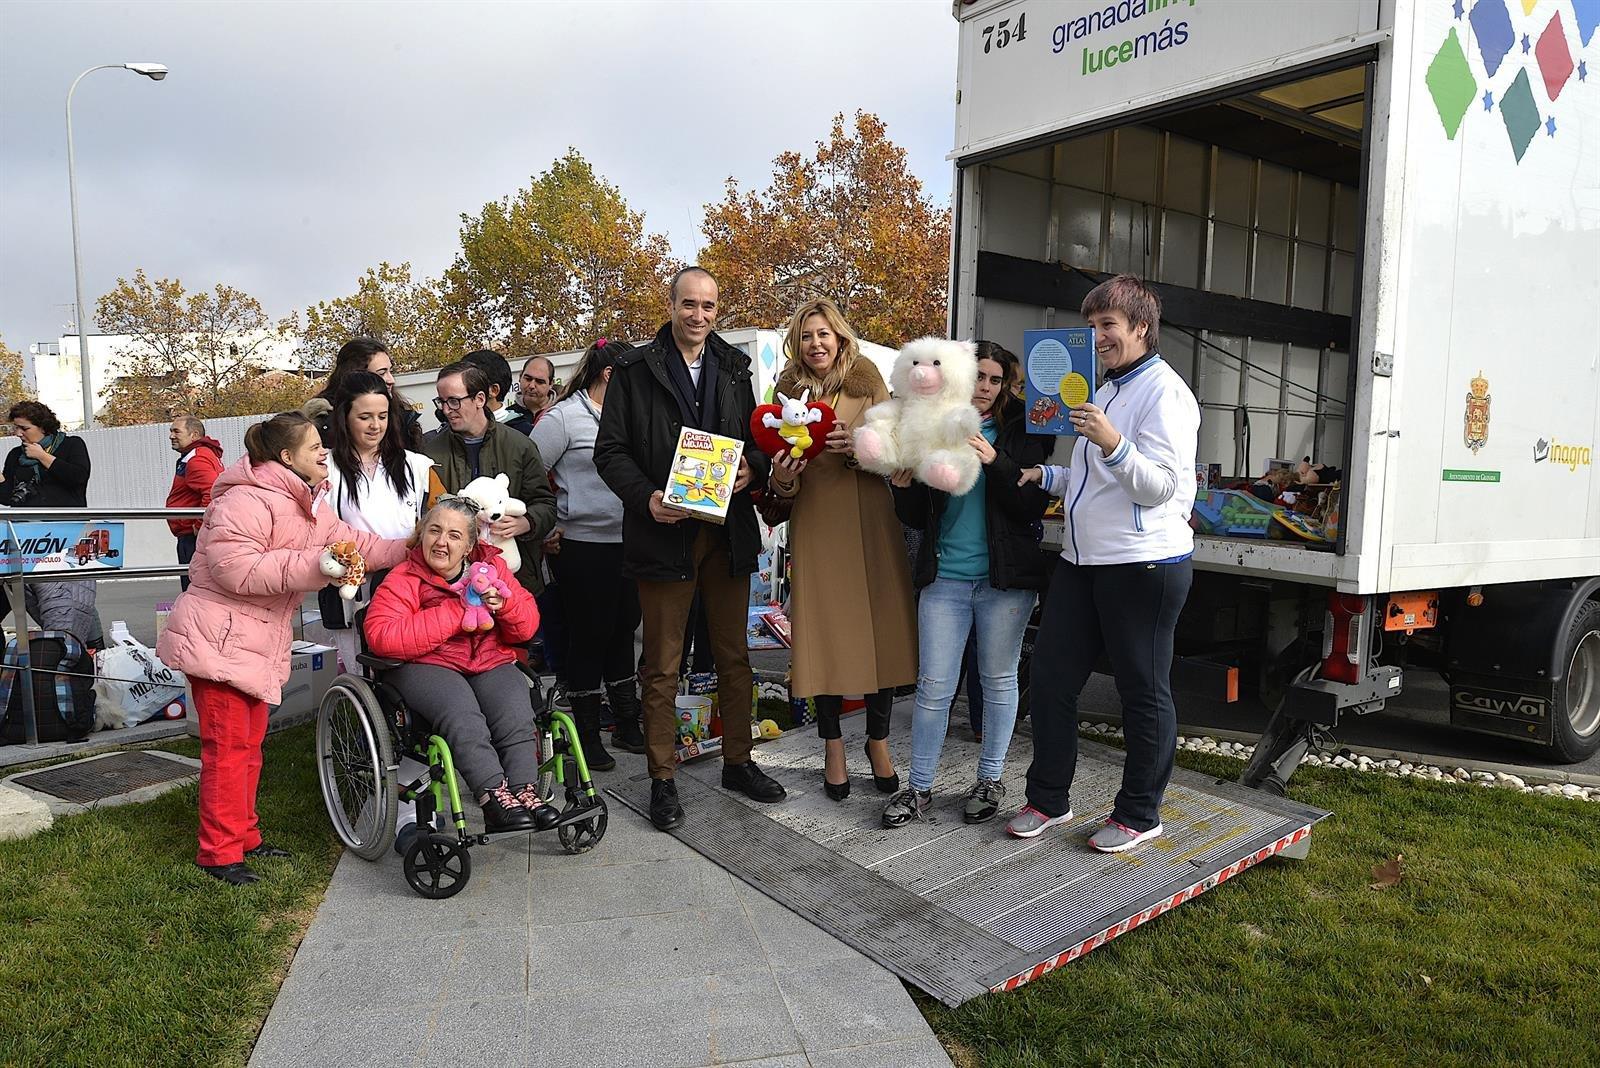 El Ayuntamiento promueve la recogida solidaria de juguetes para los más necesitados